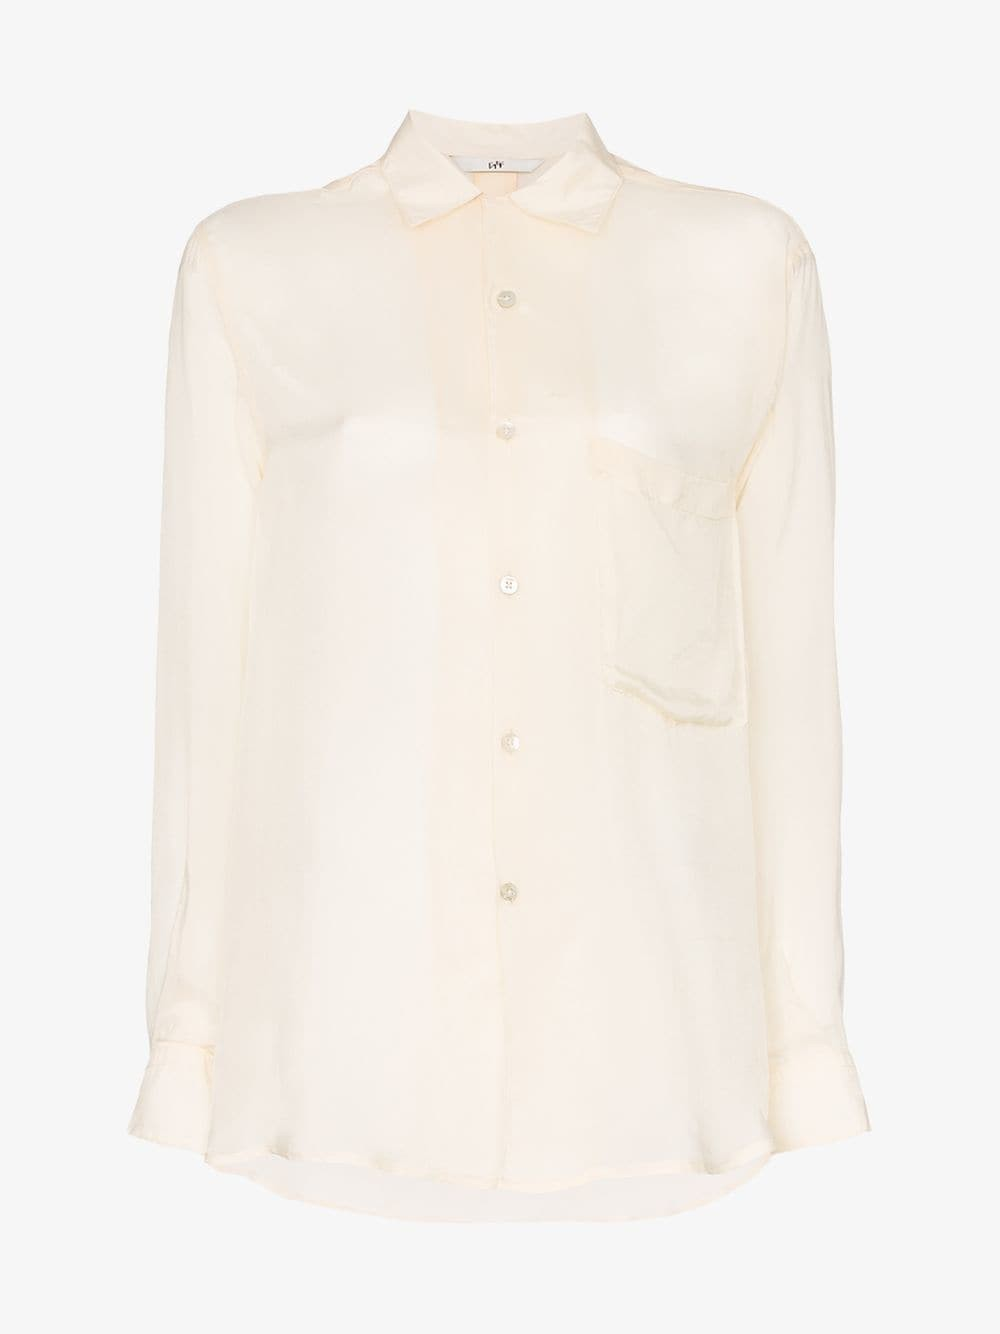 Eytys donovan cotton shirt in neutrals